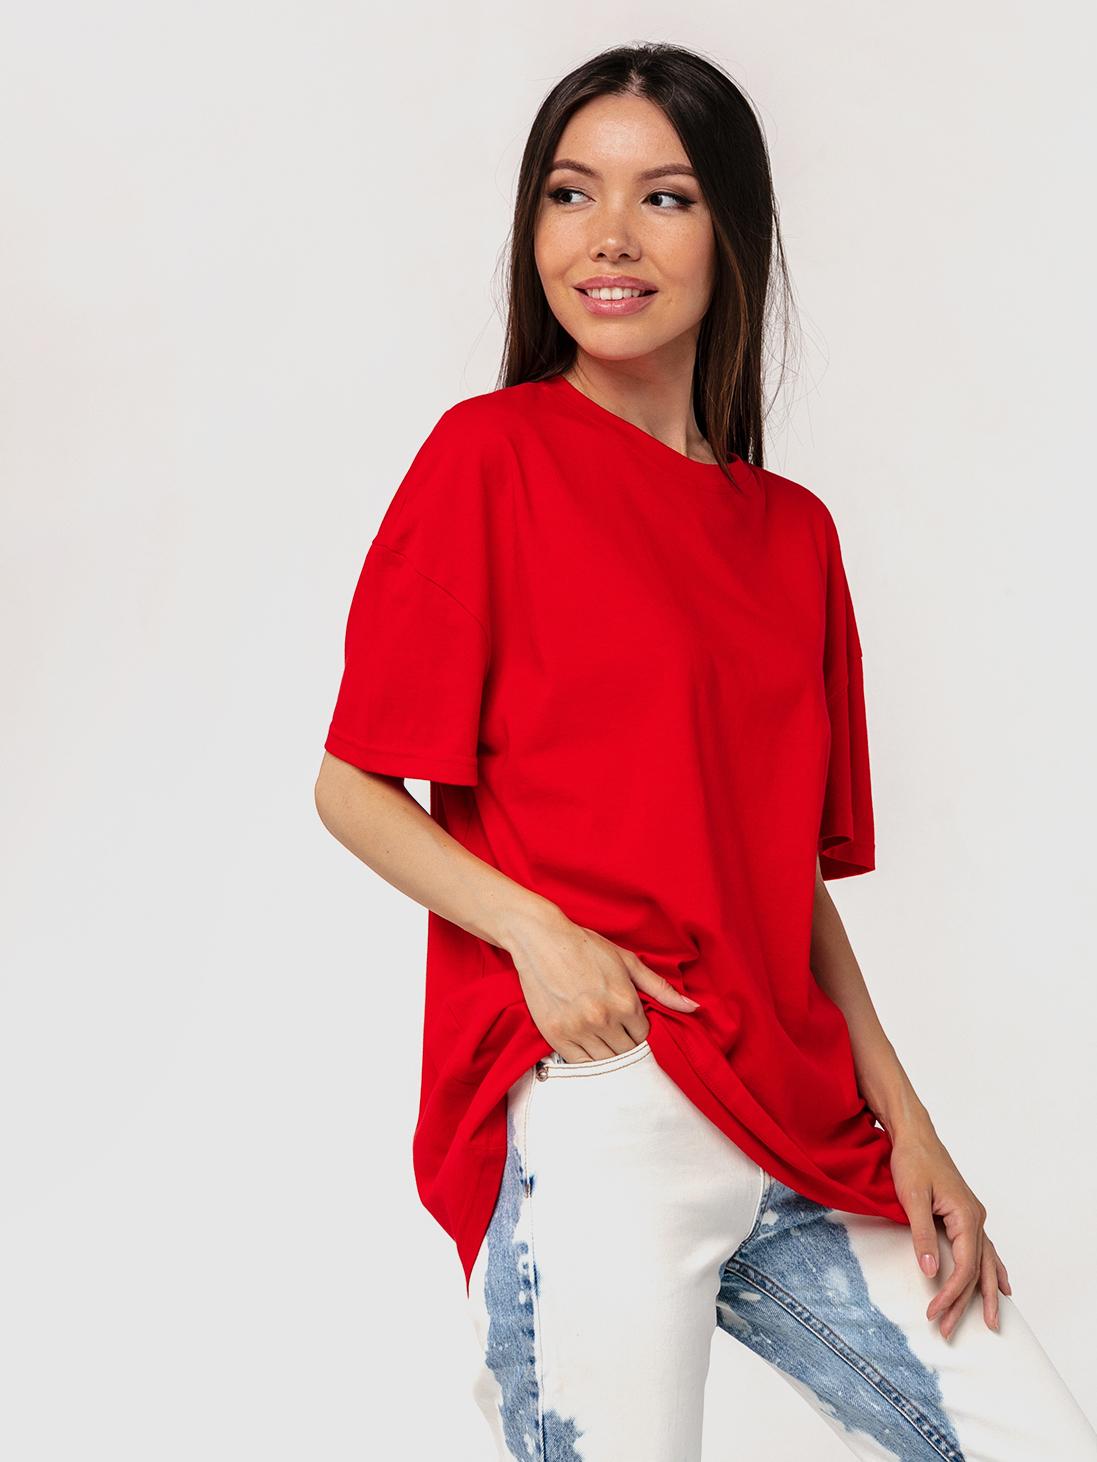 Футболка красная YOS от украинского бренда Your Own Style